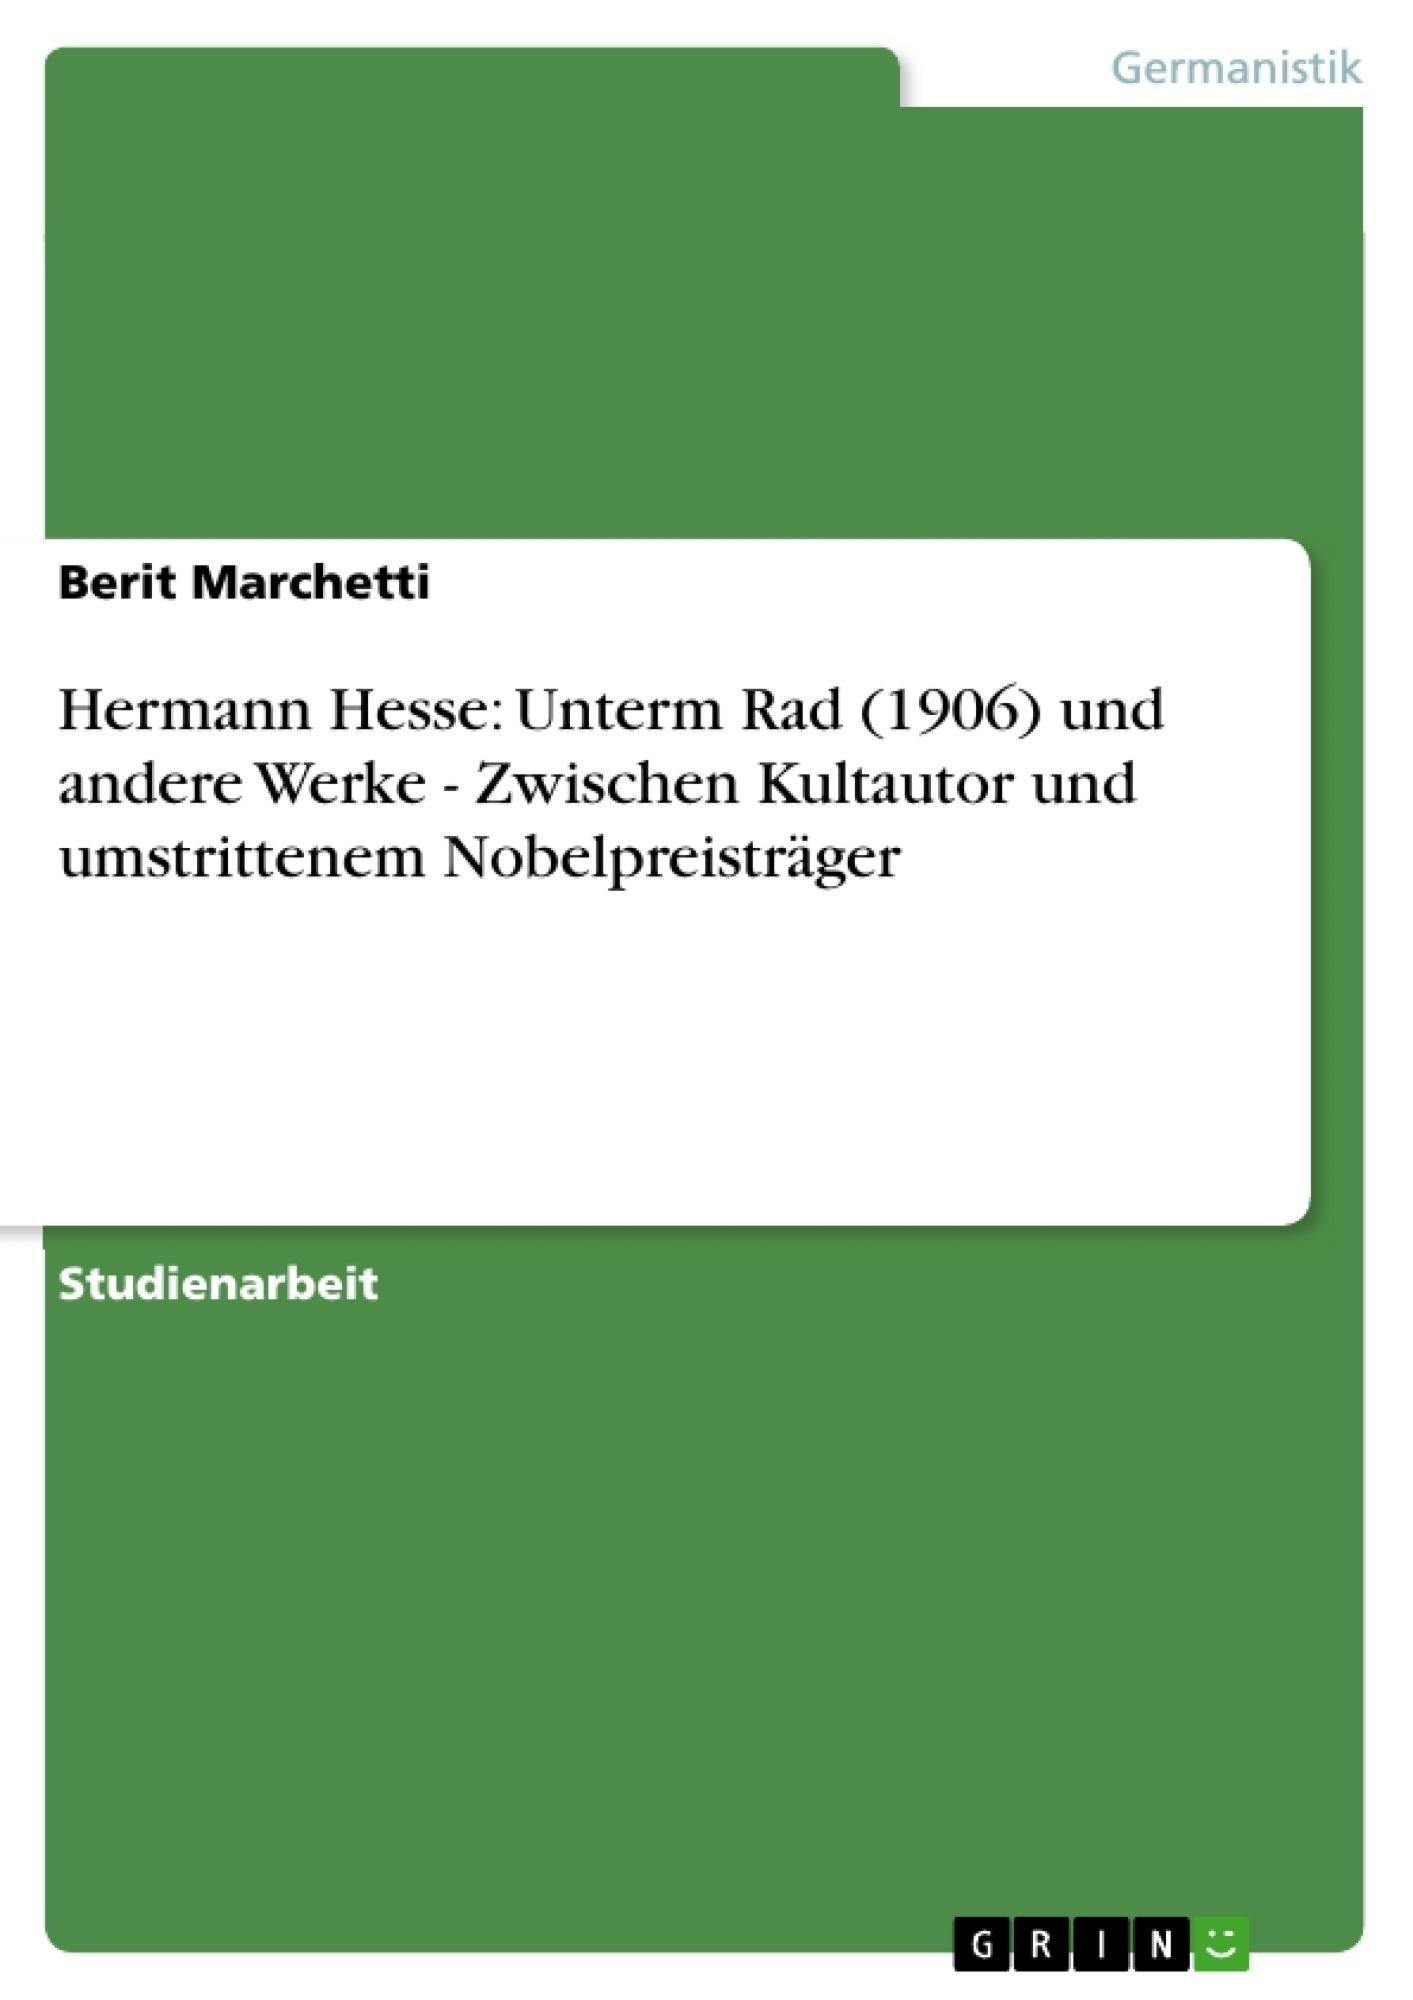 Titel: Hermann Hesse: Unterm Rad  (1906) und andere Werke - Zwischen Kultautor und umstrittenem Nobelpreisträger